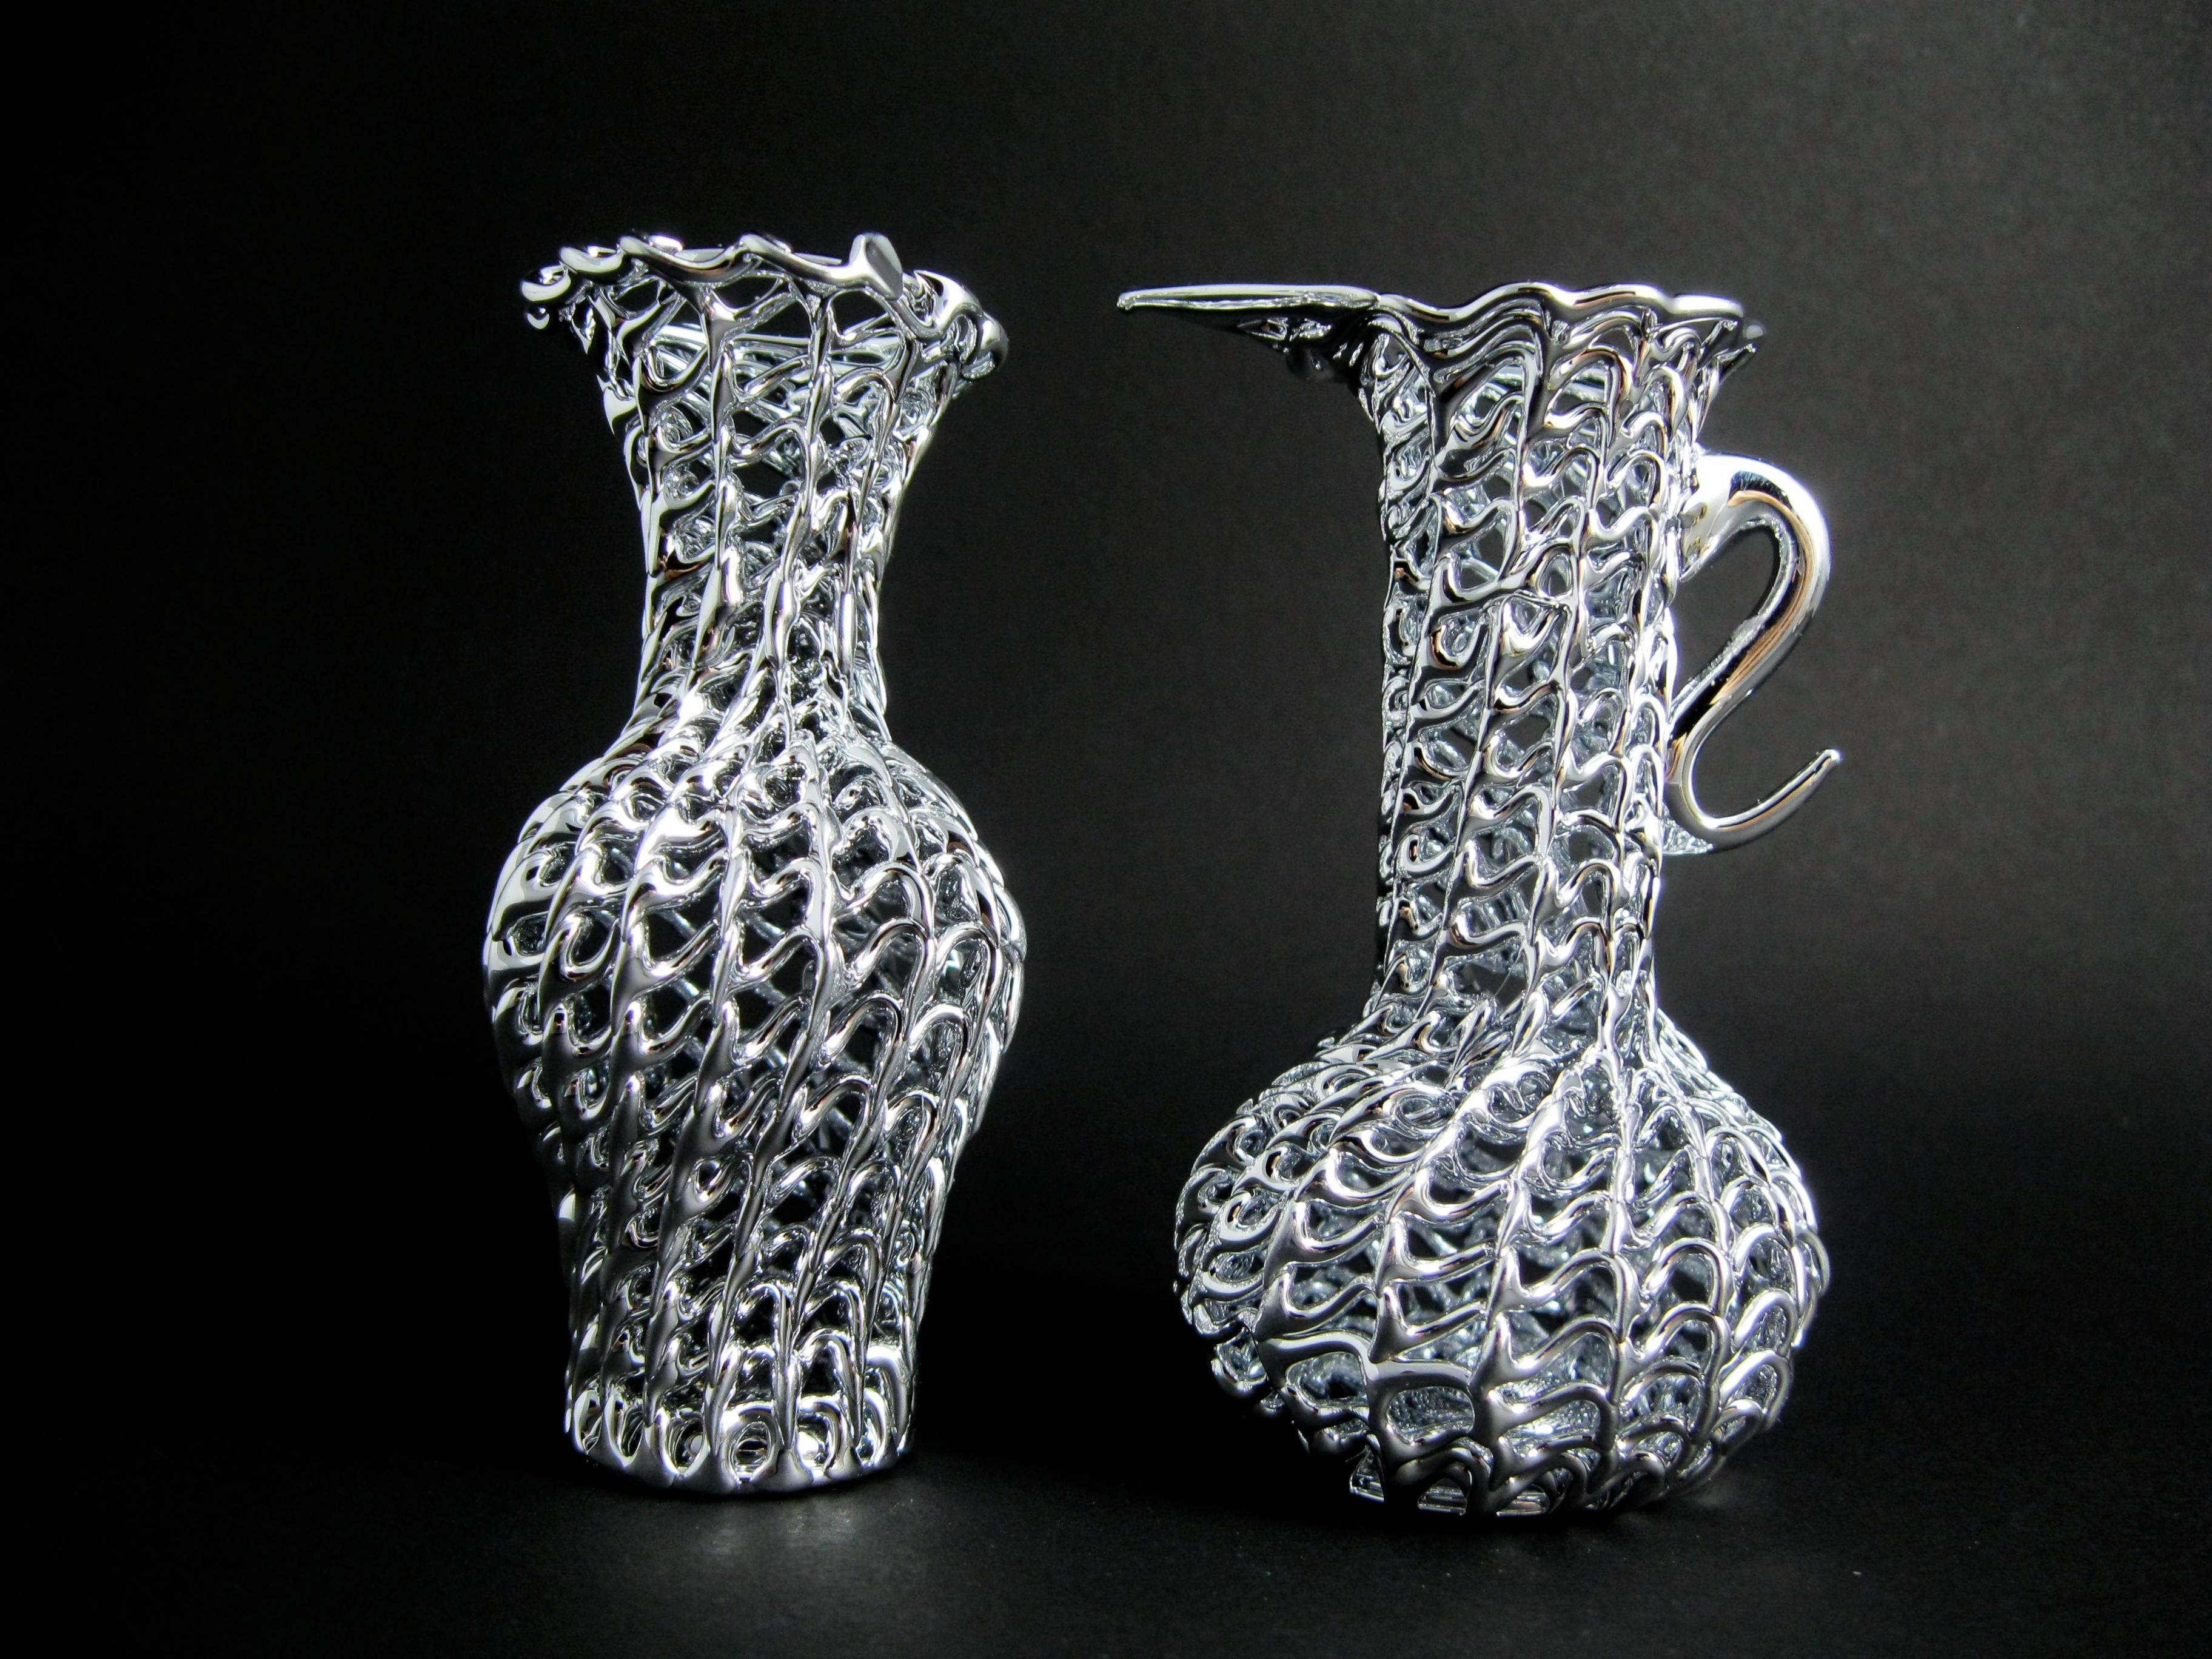 Bomboniere Argento Matrimonio Prezzi.Glass Jars Triple Vases Silver Wedding Favours Anforette Vintage